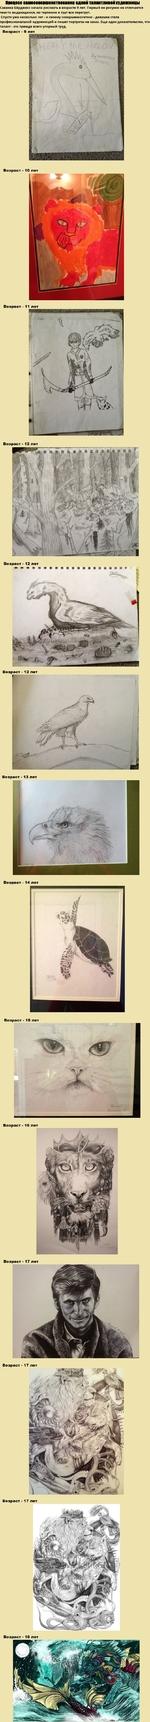 Процесс самосовершенствованиа одной талантливом художницы Саванна Бёрджесс начала рисовать в возрасте 9 лет. Первый ее рисунок не отличается чем-то выдающимся, но терпение и трут все перетрут. Спустя уже несколько лет - к своему совершеннолетию - девушка стала профессиональной художницей и пишет